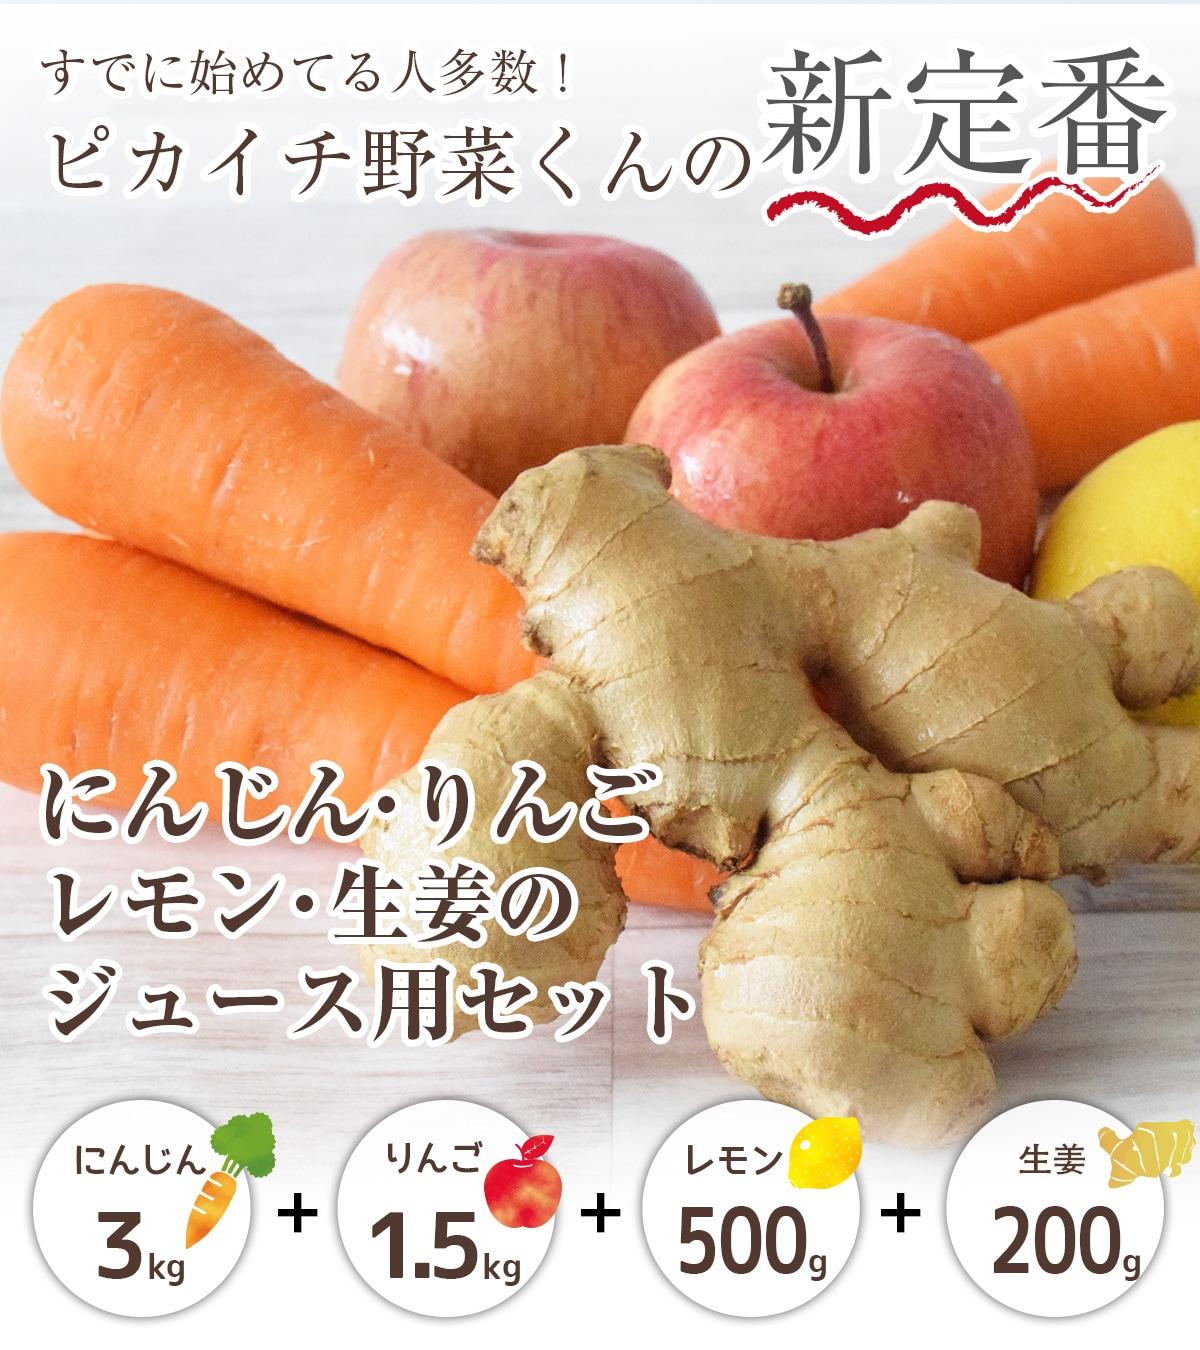 ピカイチ野菜くんの新定番